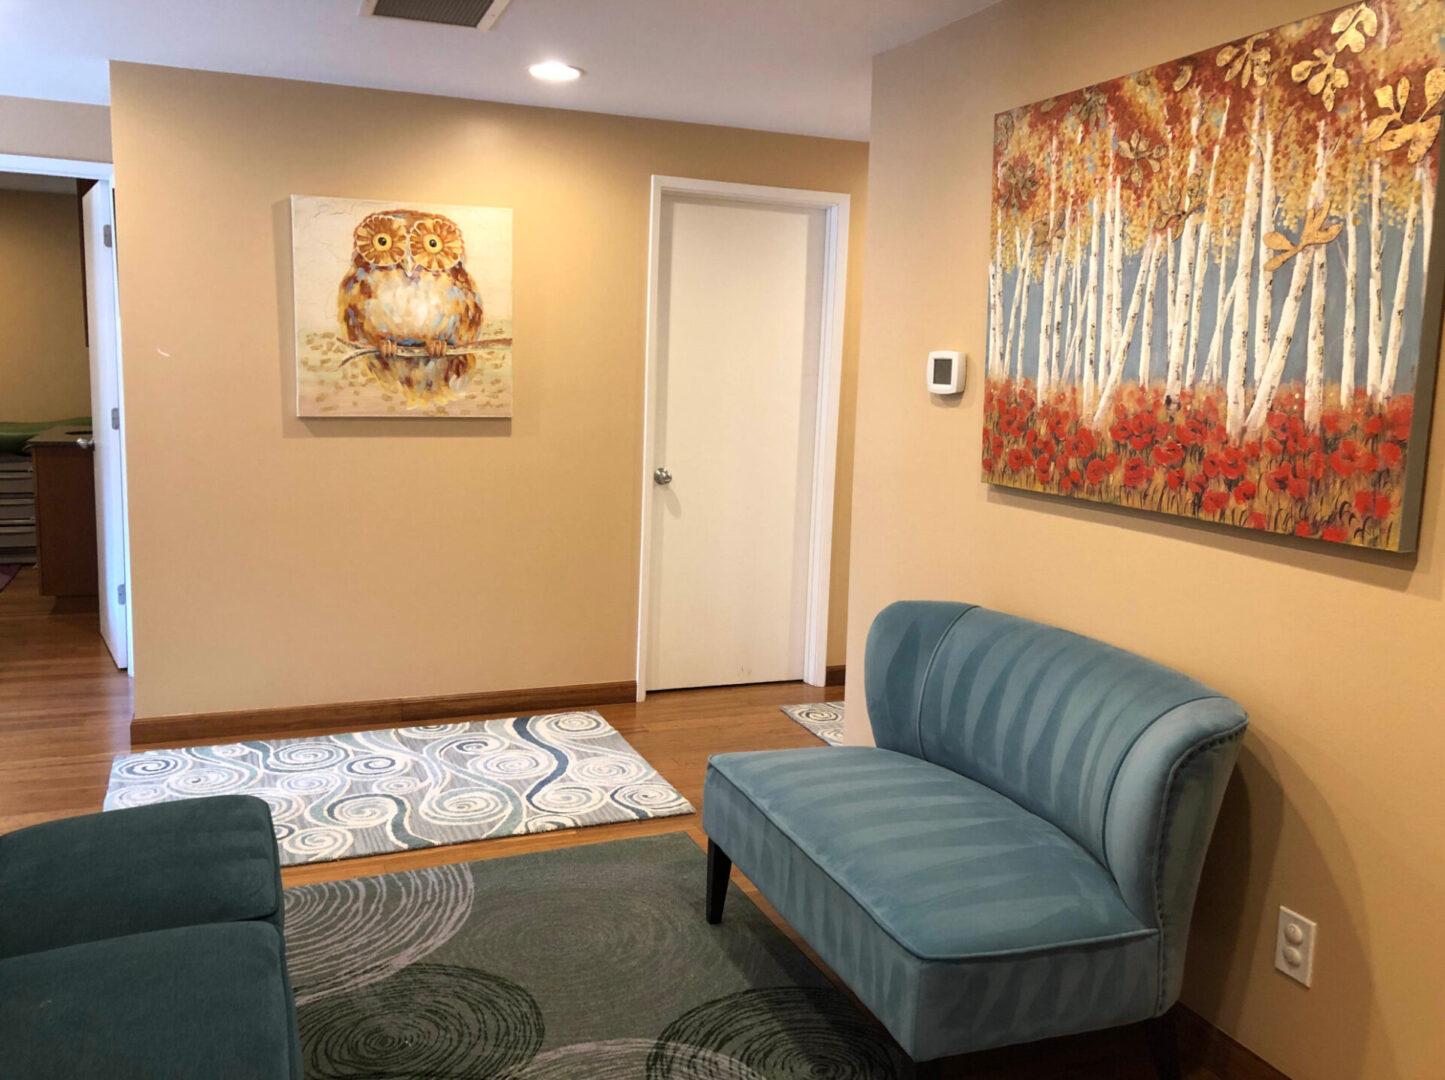 wellness center waiting room